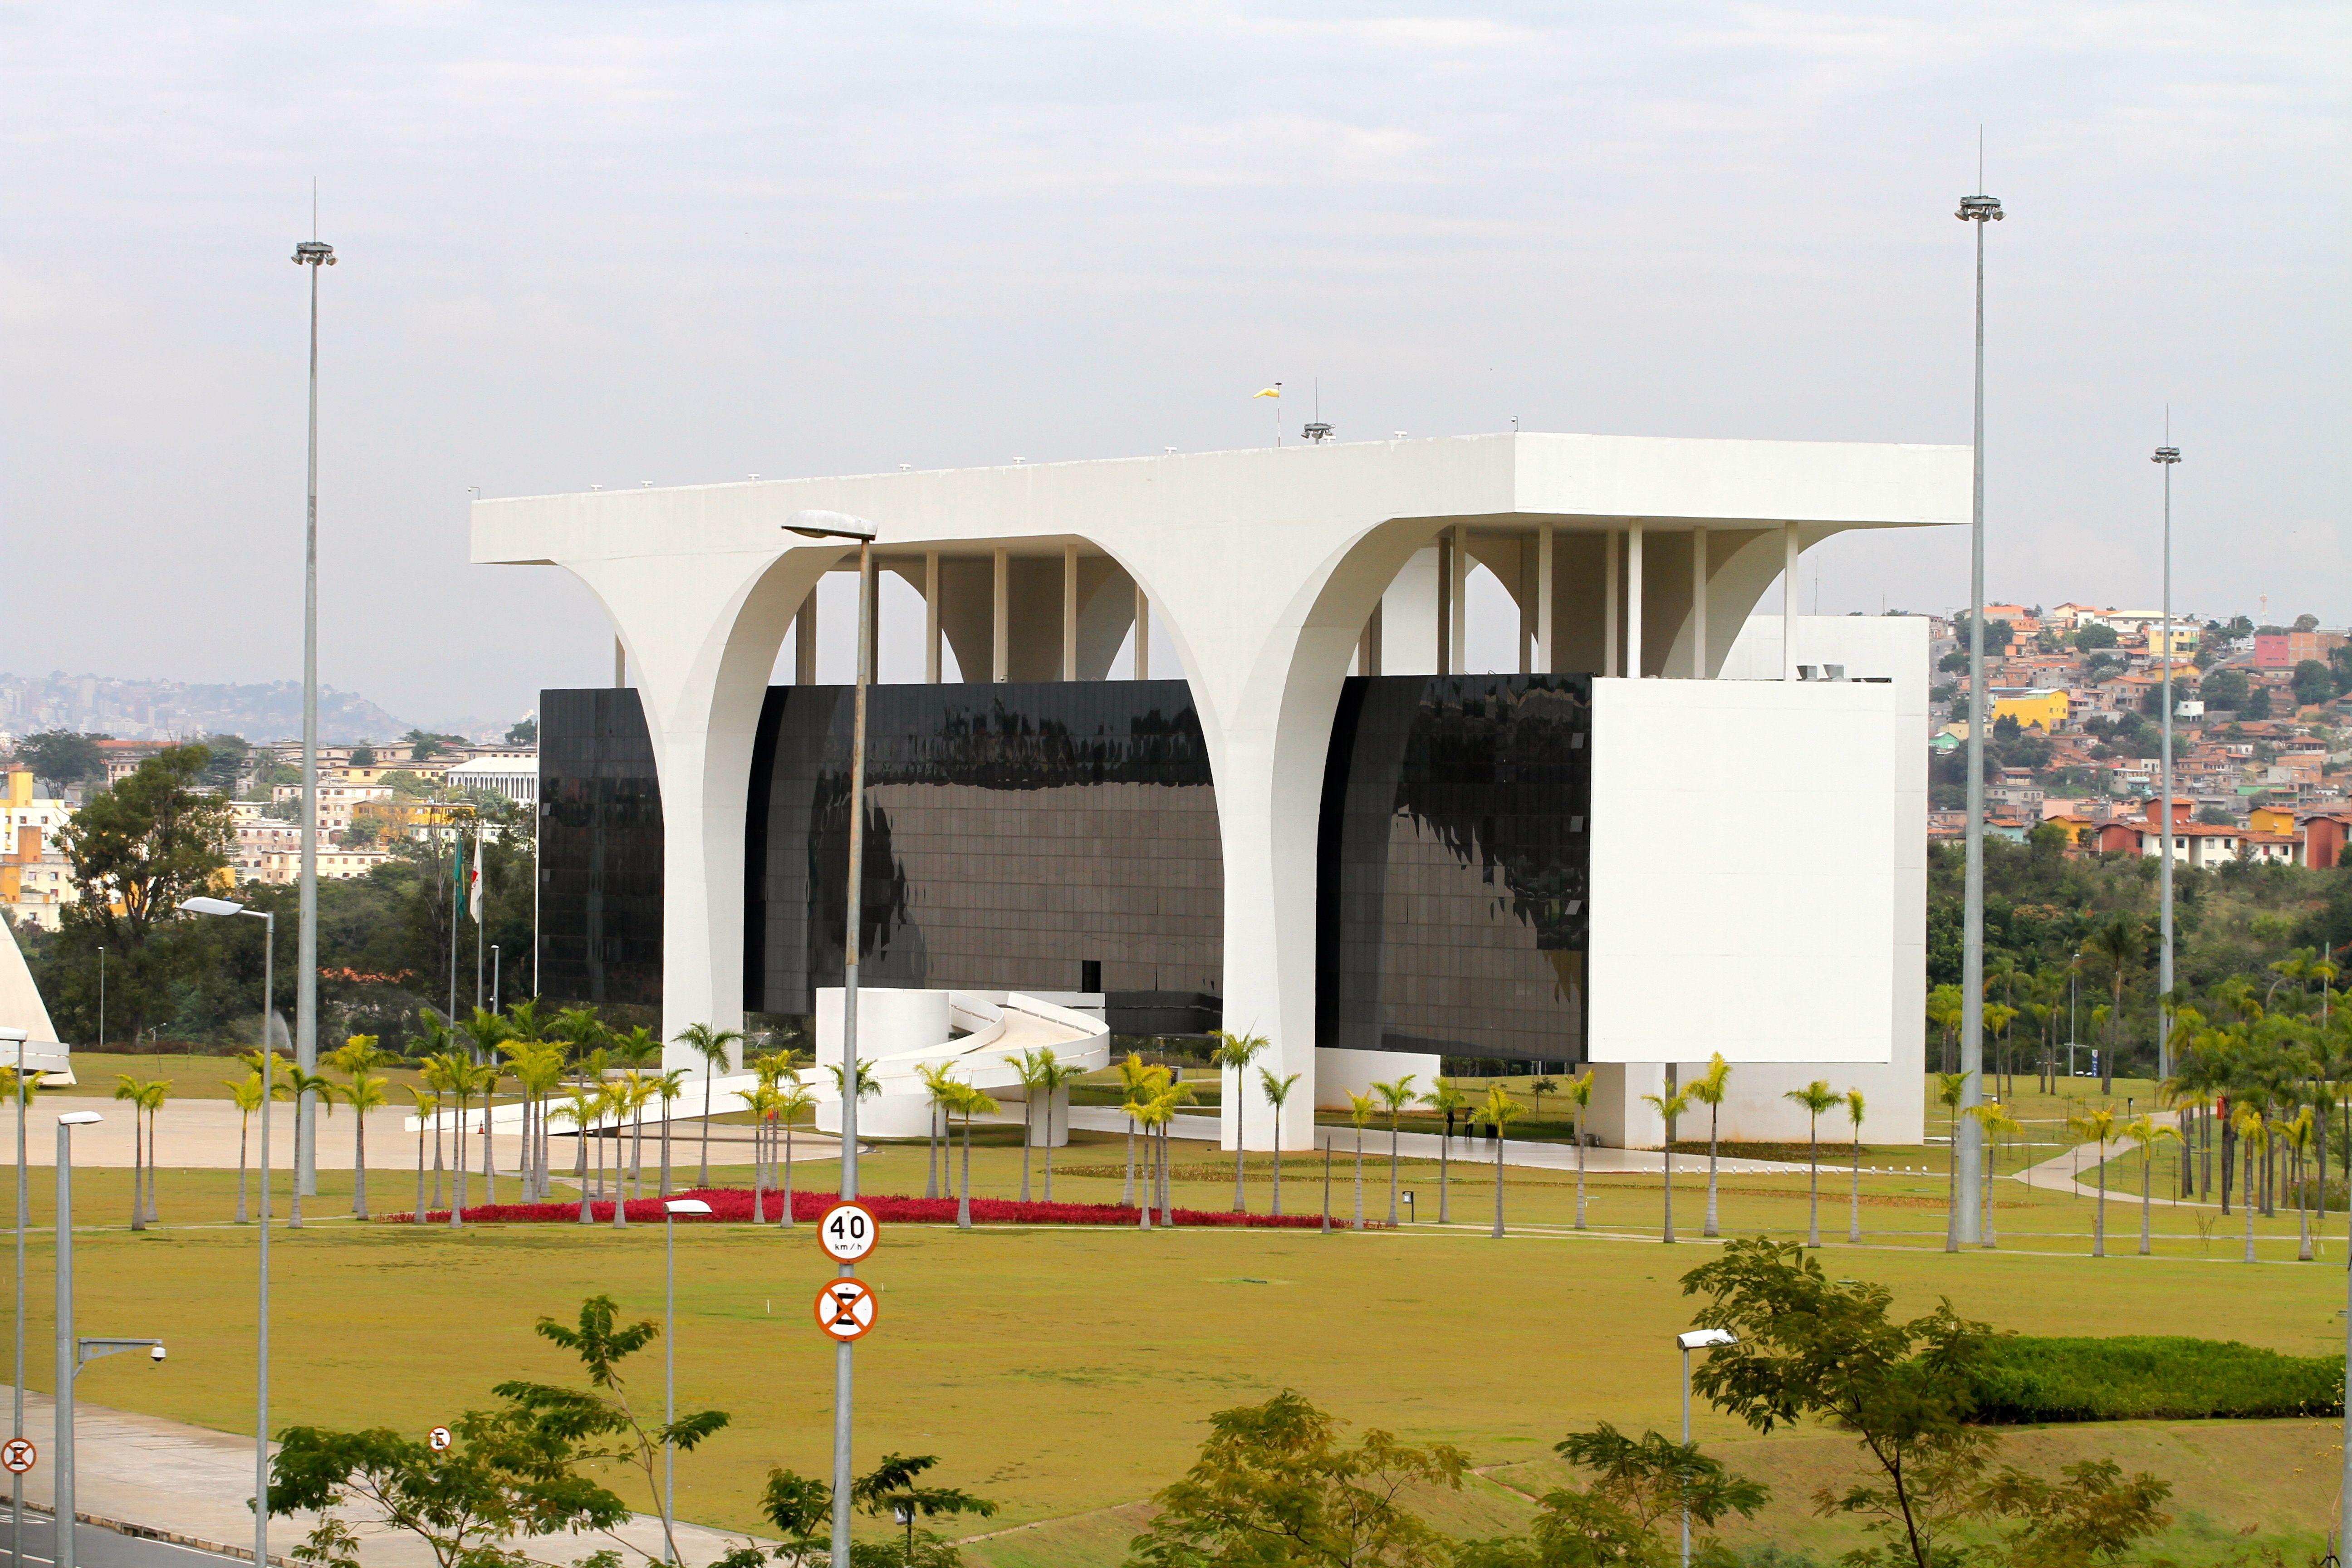 Palacio Tiradentes Derniere Oeuvre D Oscar Niemeyer De Son Vivant